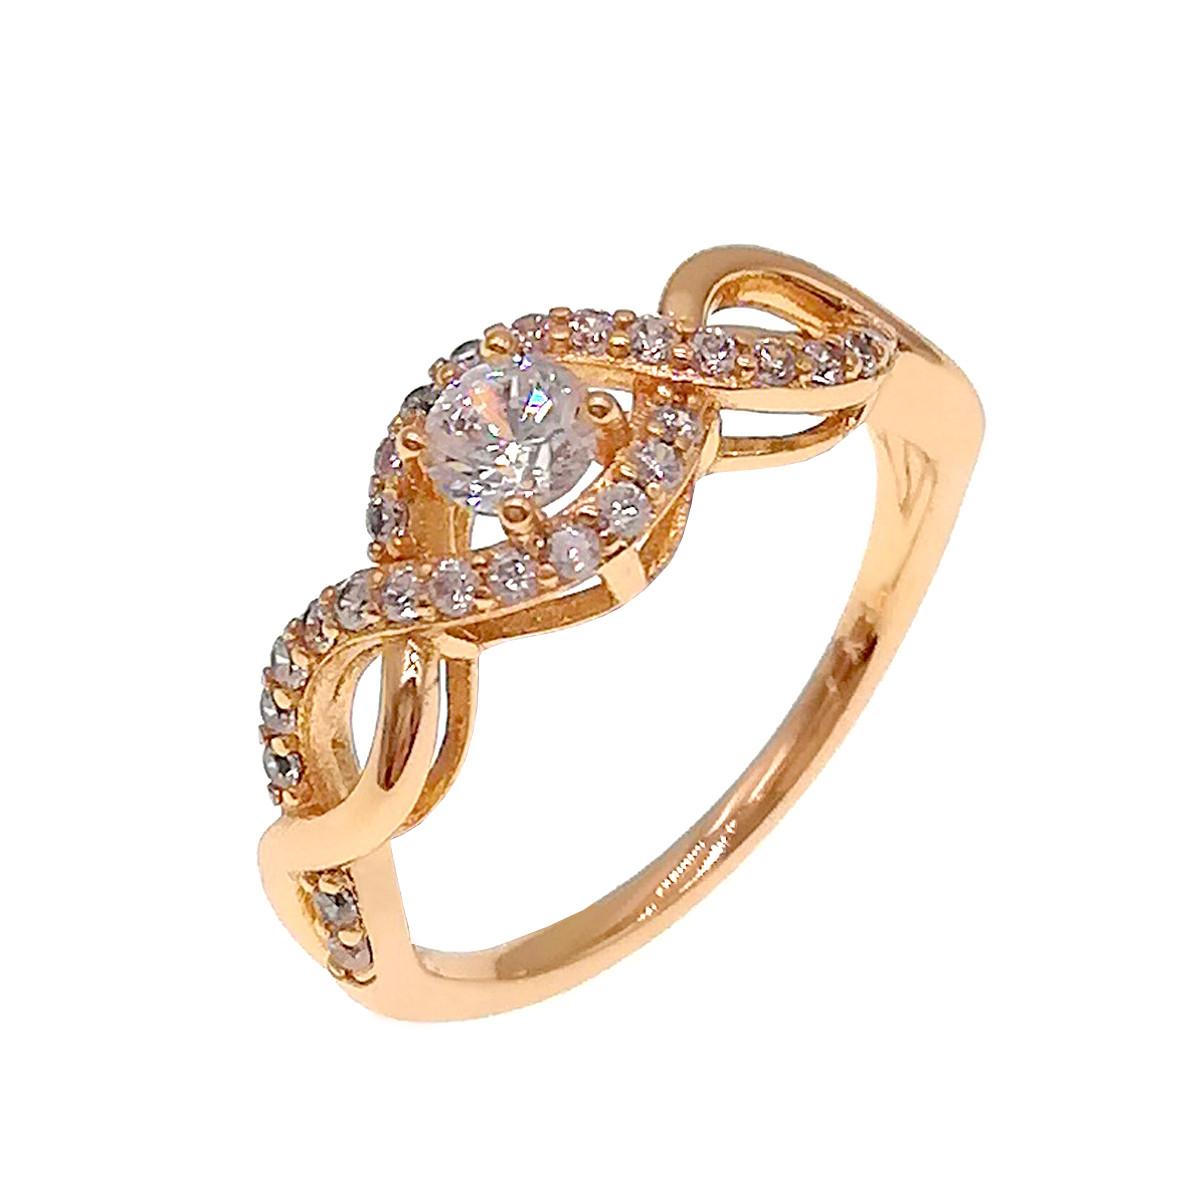 Кольцо Xuping из медицинского золота, белые фианиты, позолота 18K, 11882                   (19)